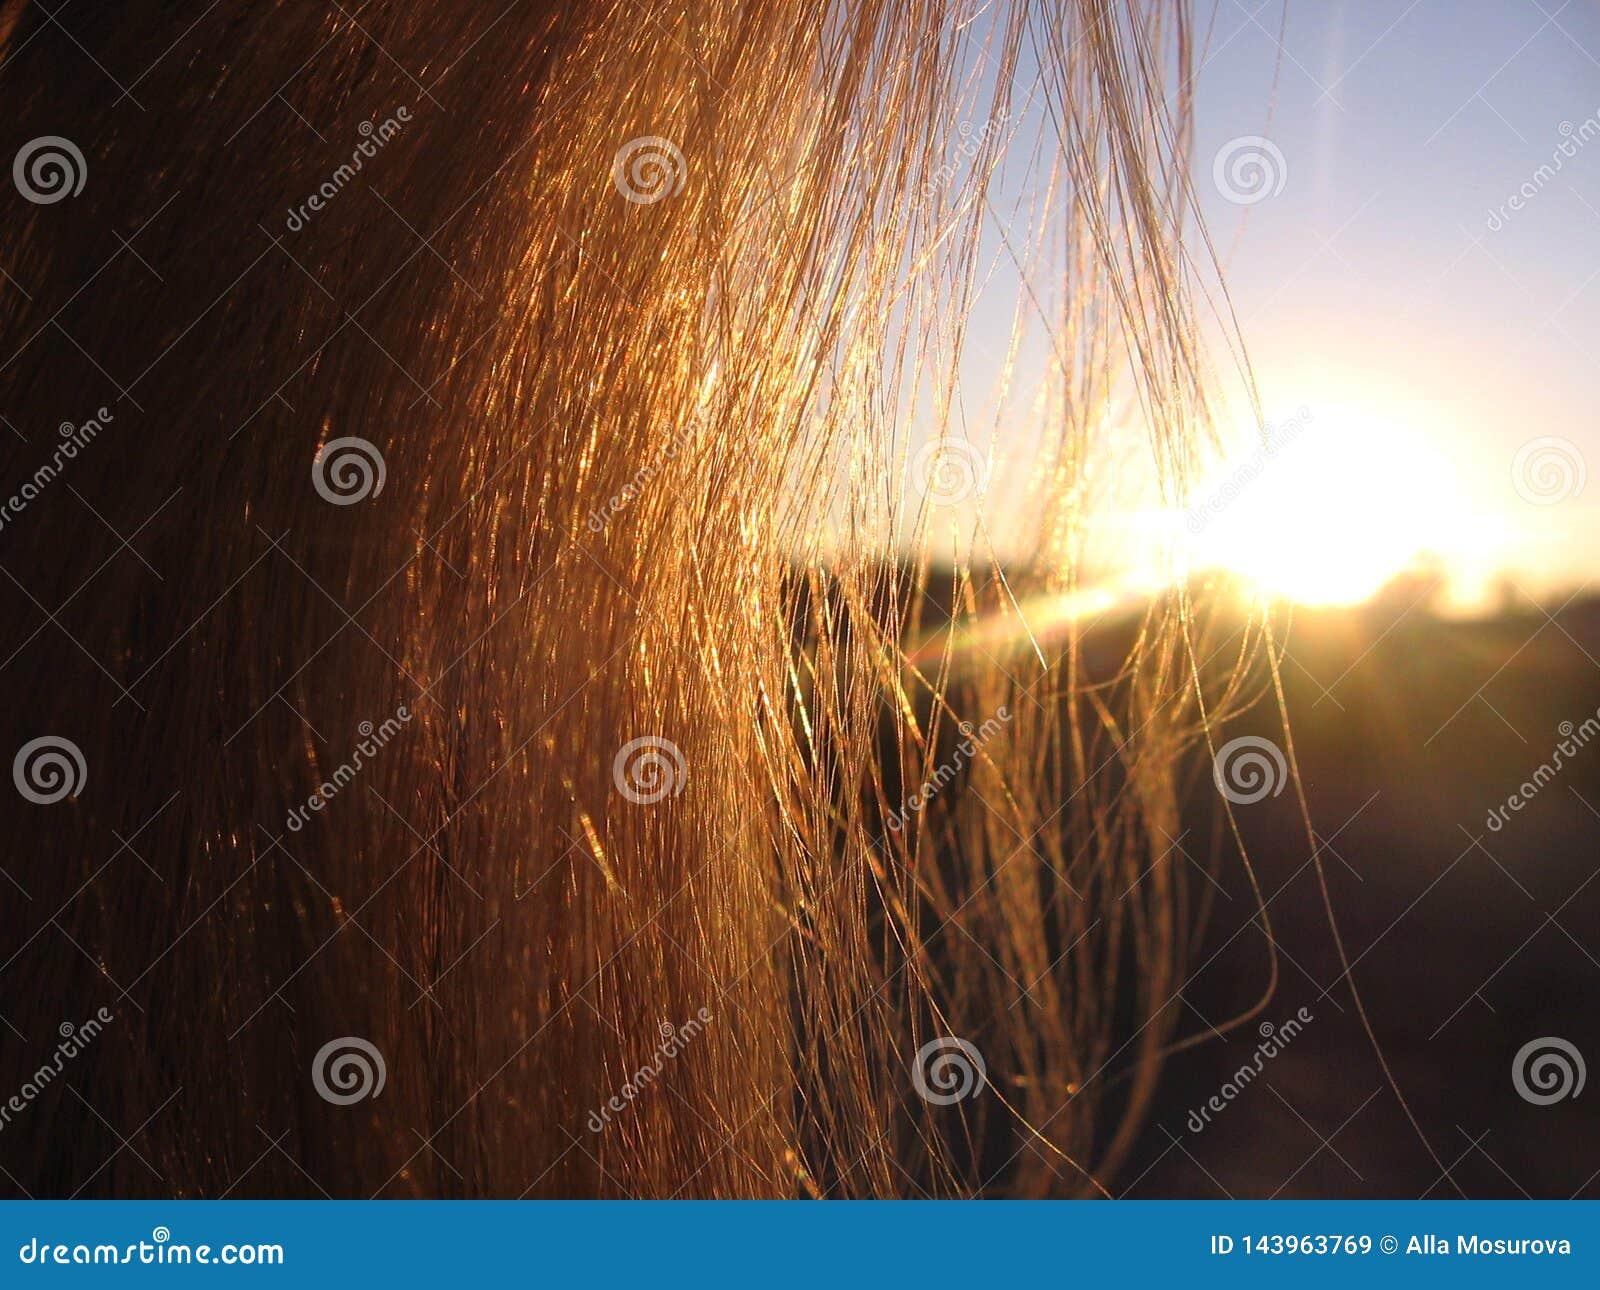 设置的平衡的太阳通过金黄光芒通过头发发光的妇女头发发光